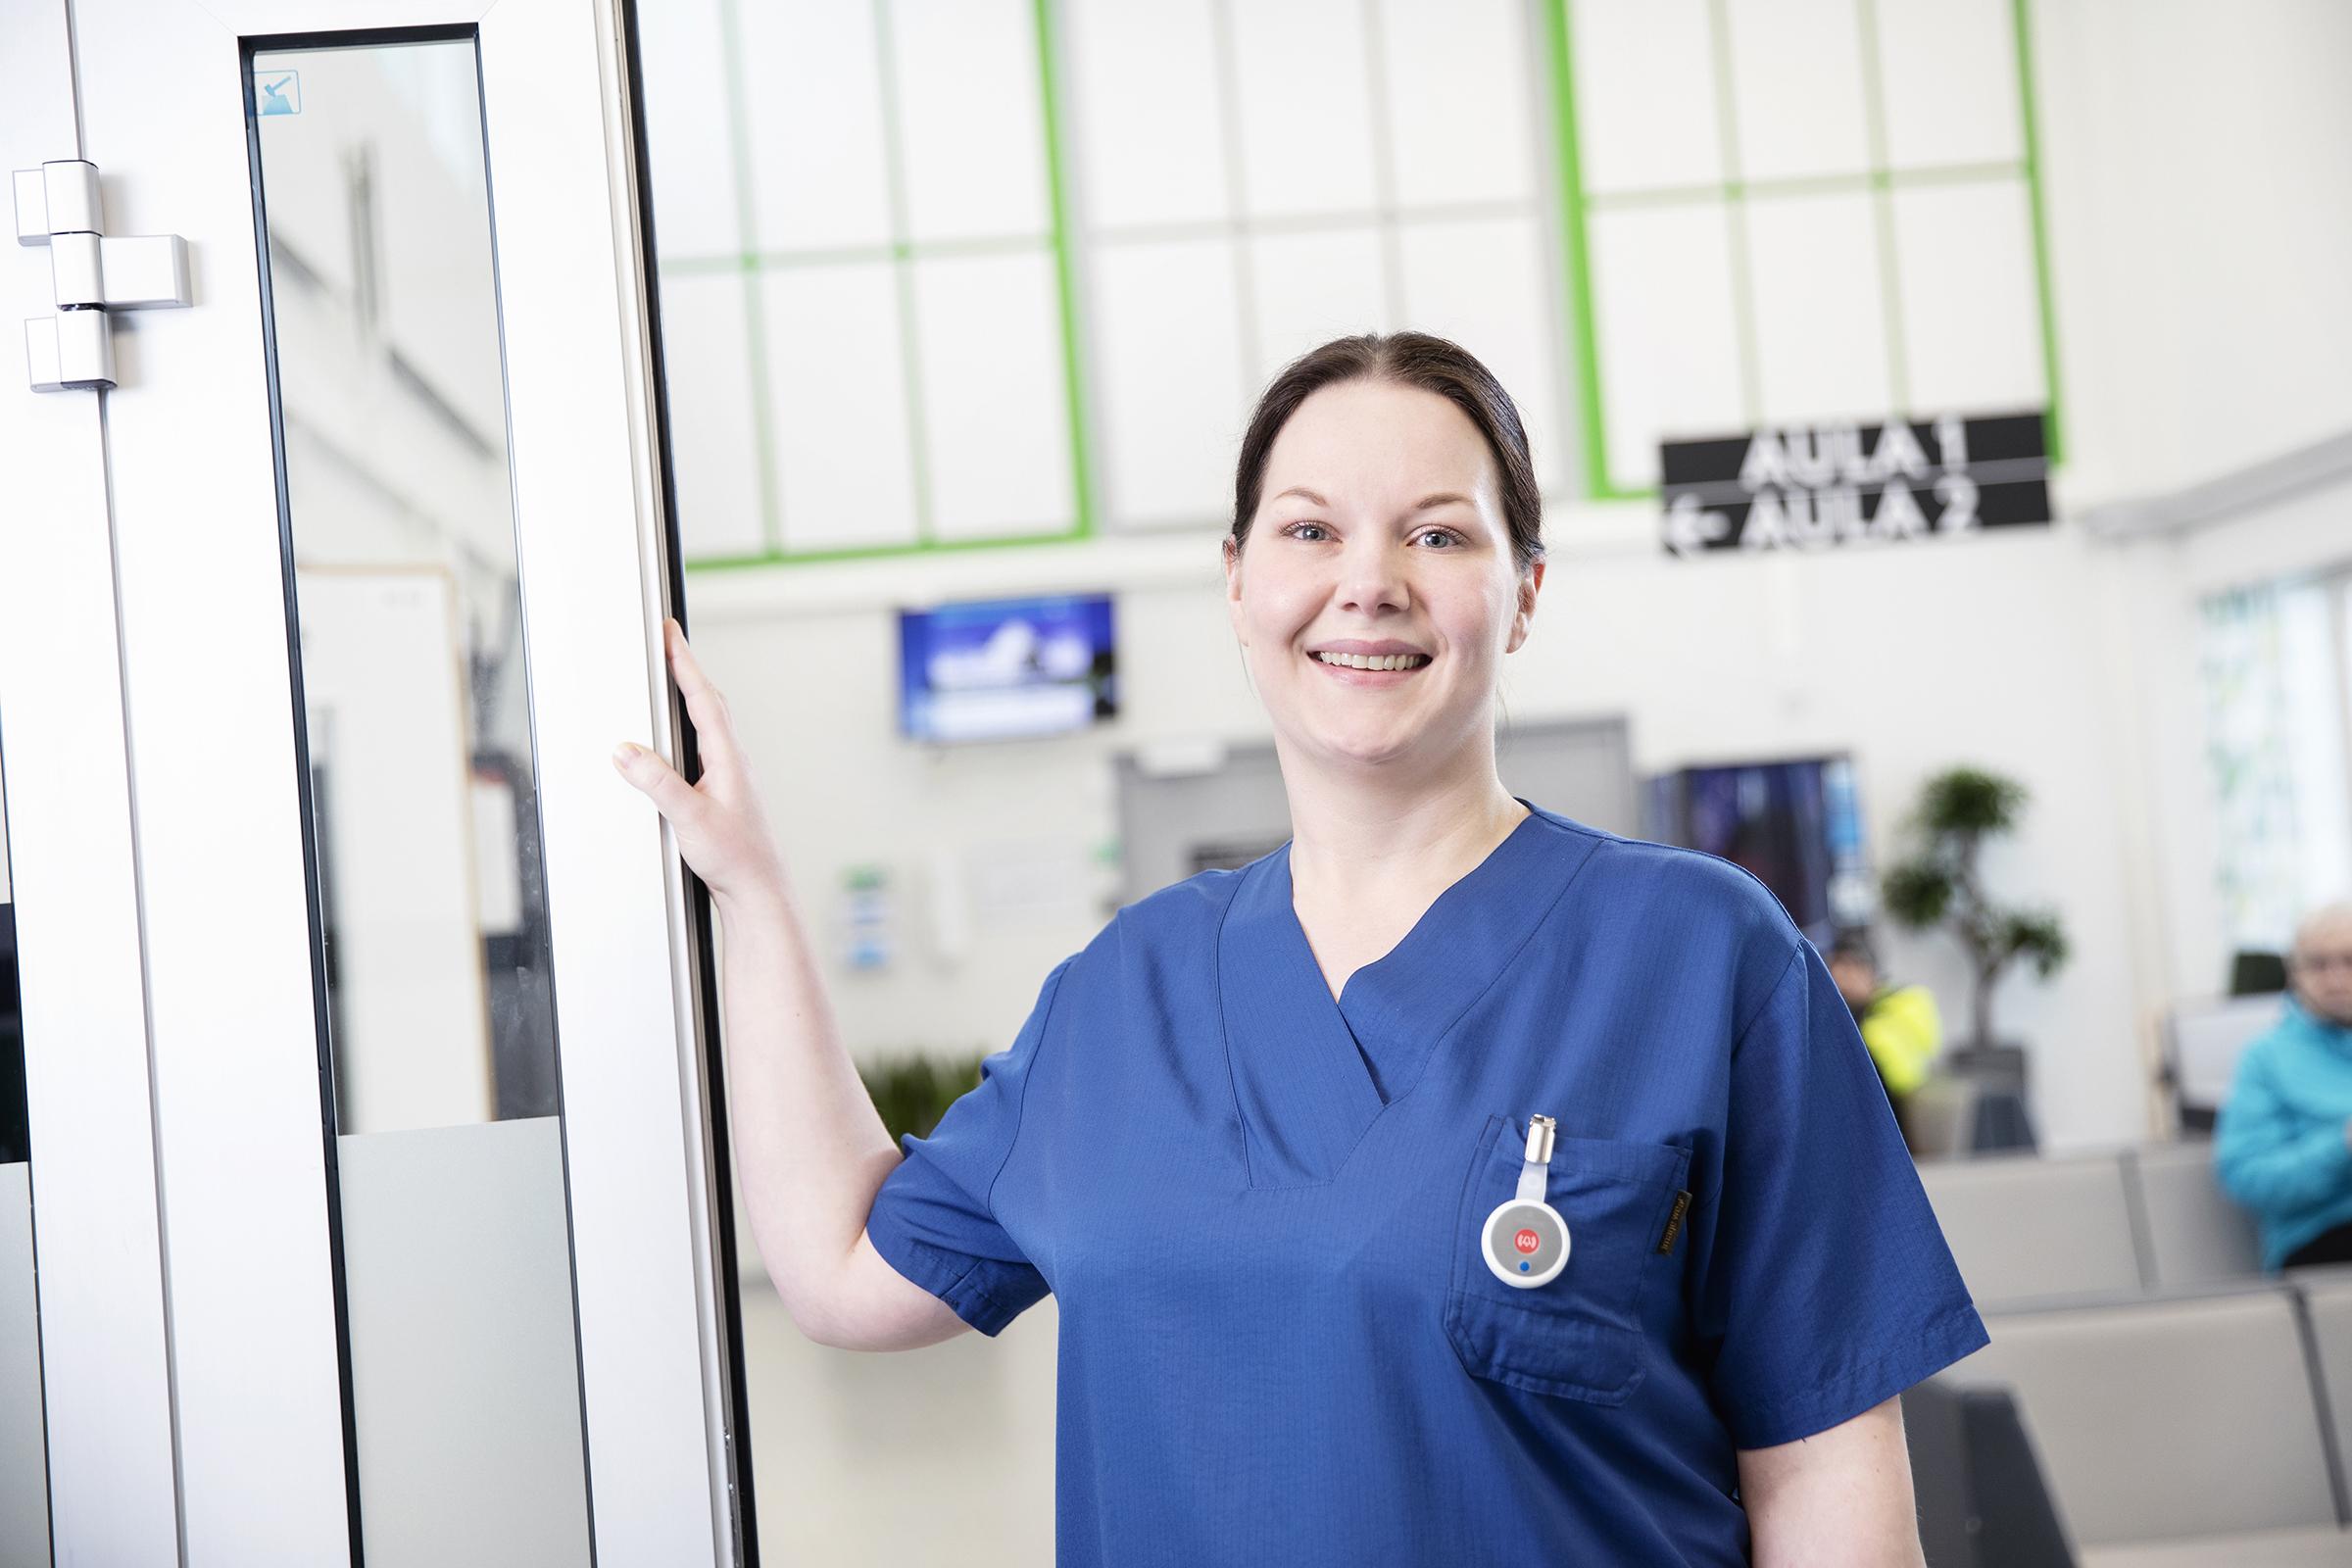 Reaaliaikaisen paikkatiedon hyödyntäminen sujuvoittaa sairaala-arkea